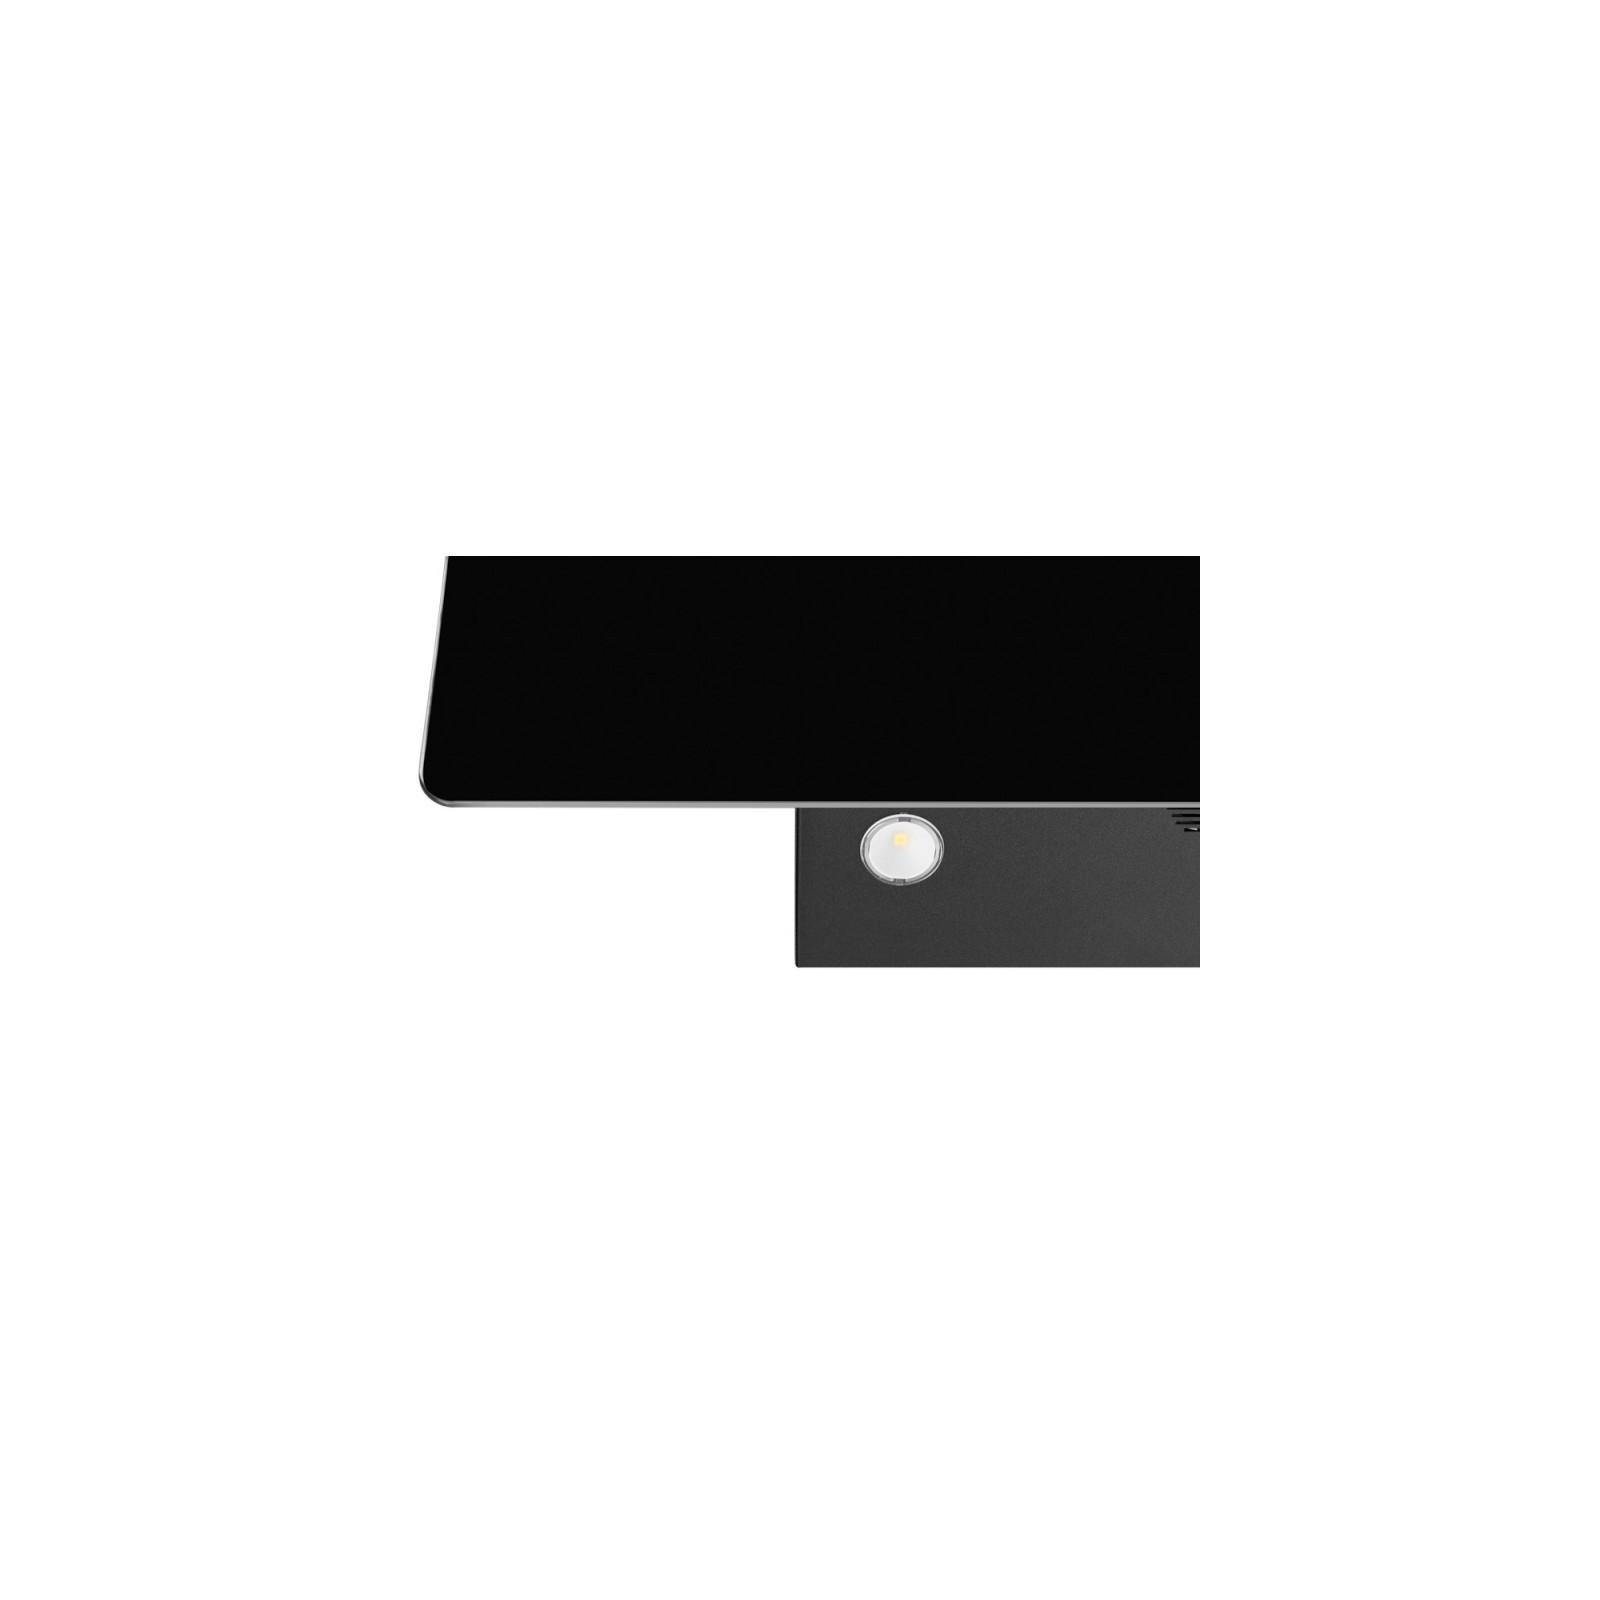 Вытяжка кухонная VENTOLUX FIRENZE 60 BK (1000) TRC IT SD изображение 5